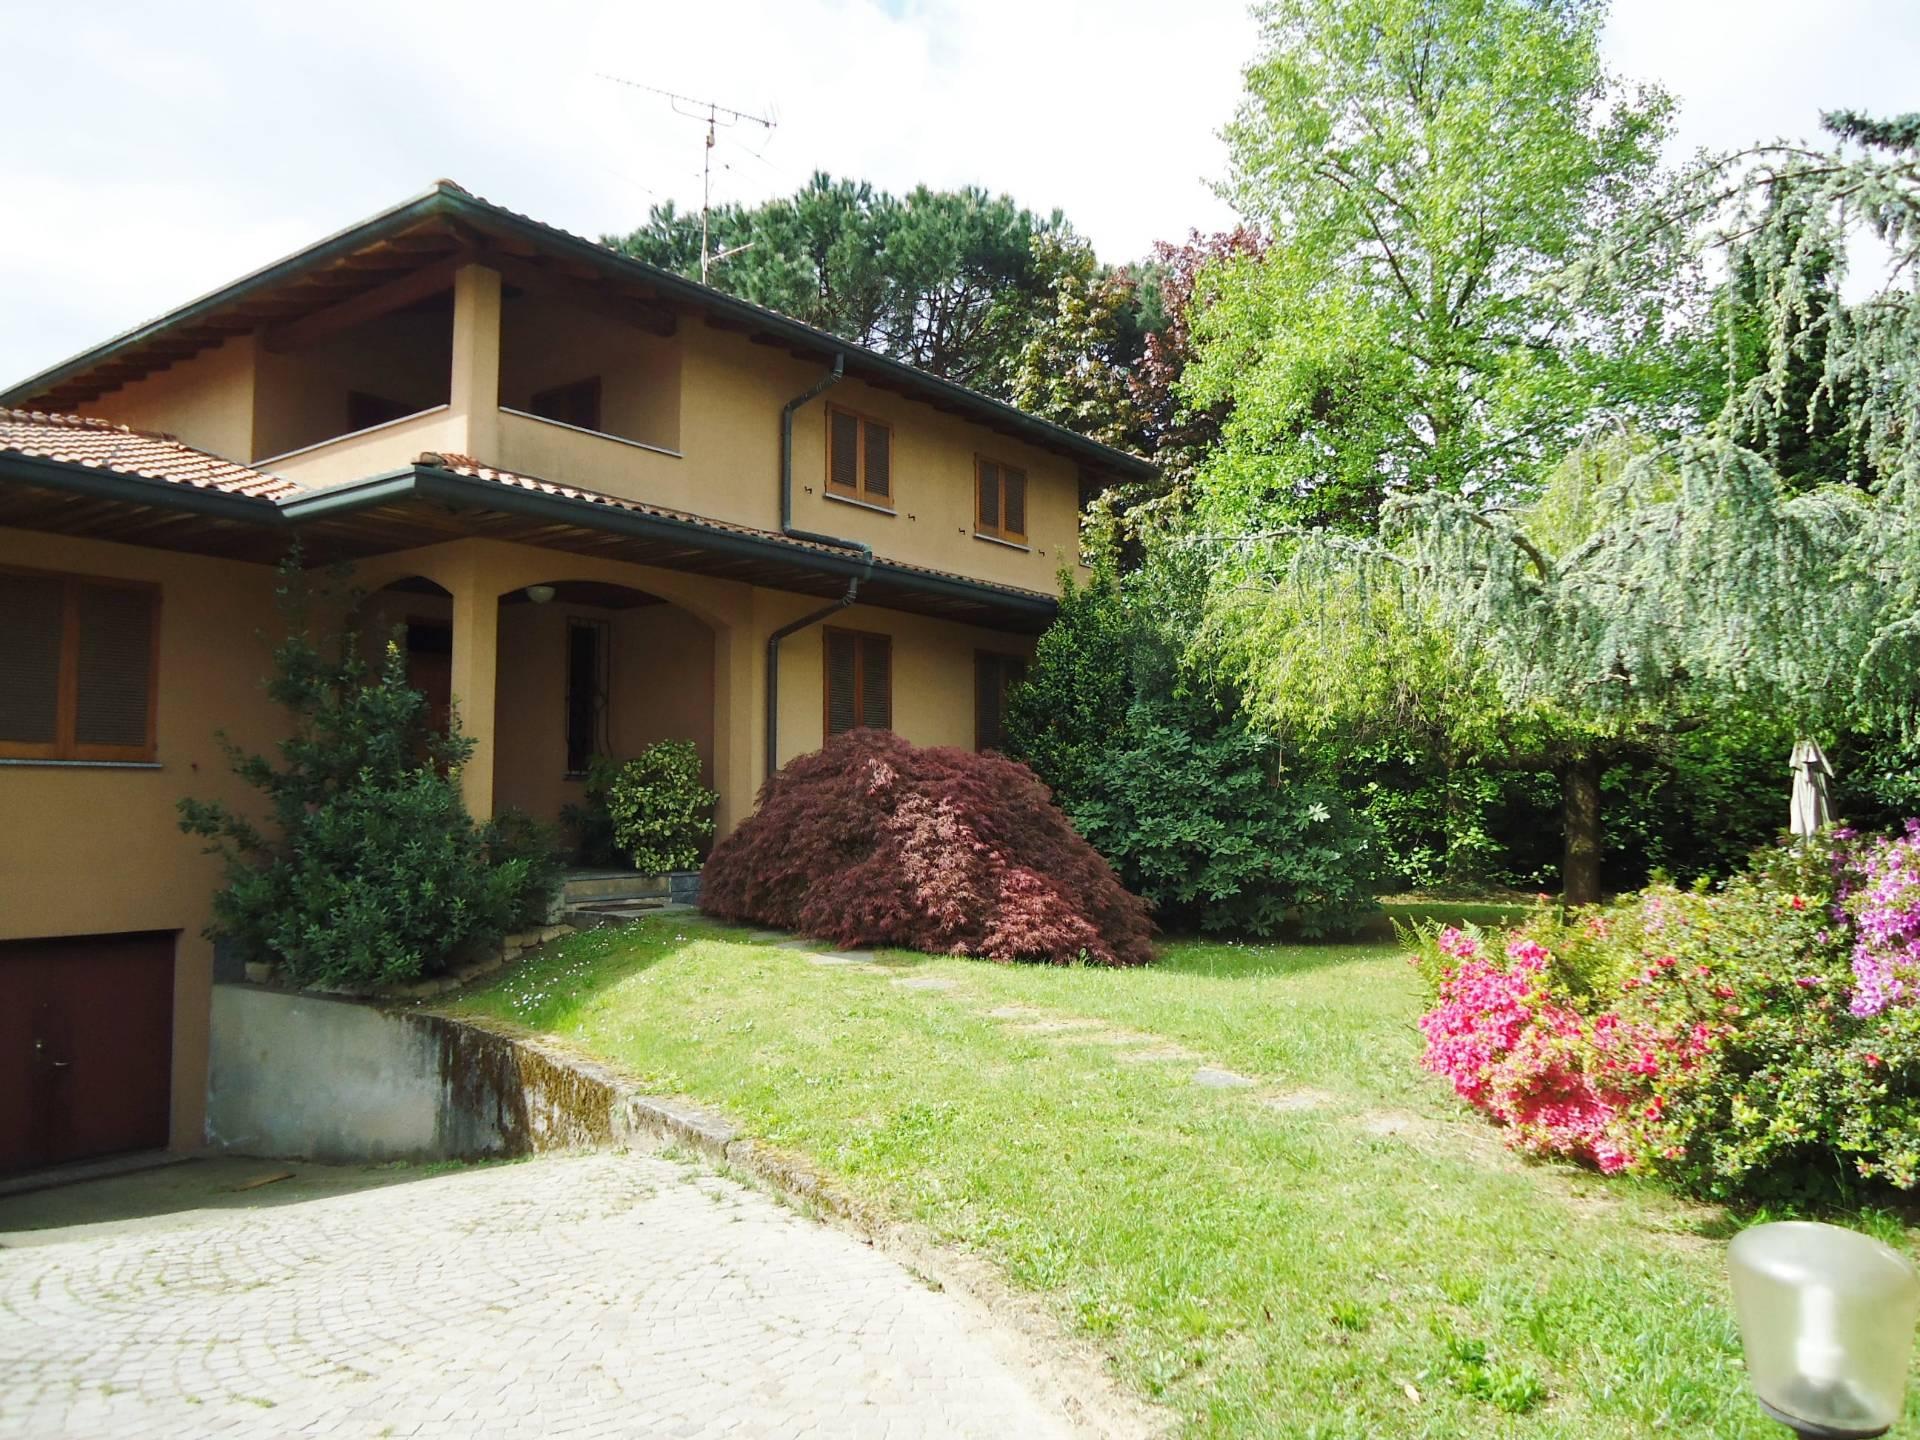 Villa in vendita a Buguggiate, 8 locali, prezzo € 460.000 | Cambio Casa.it